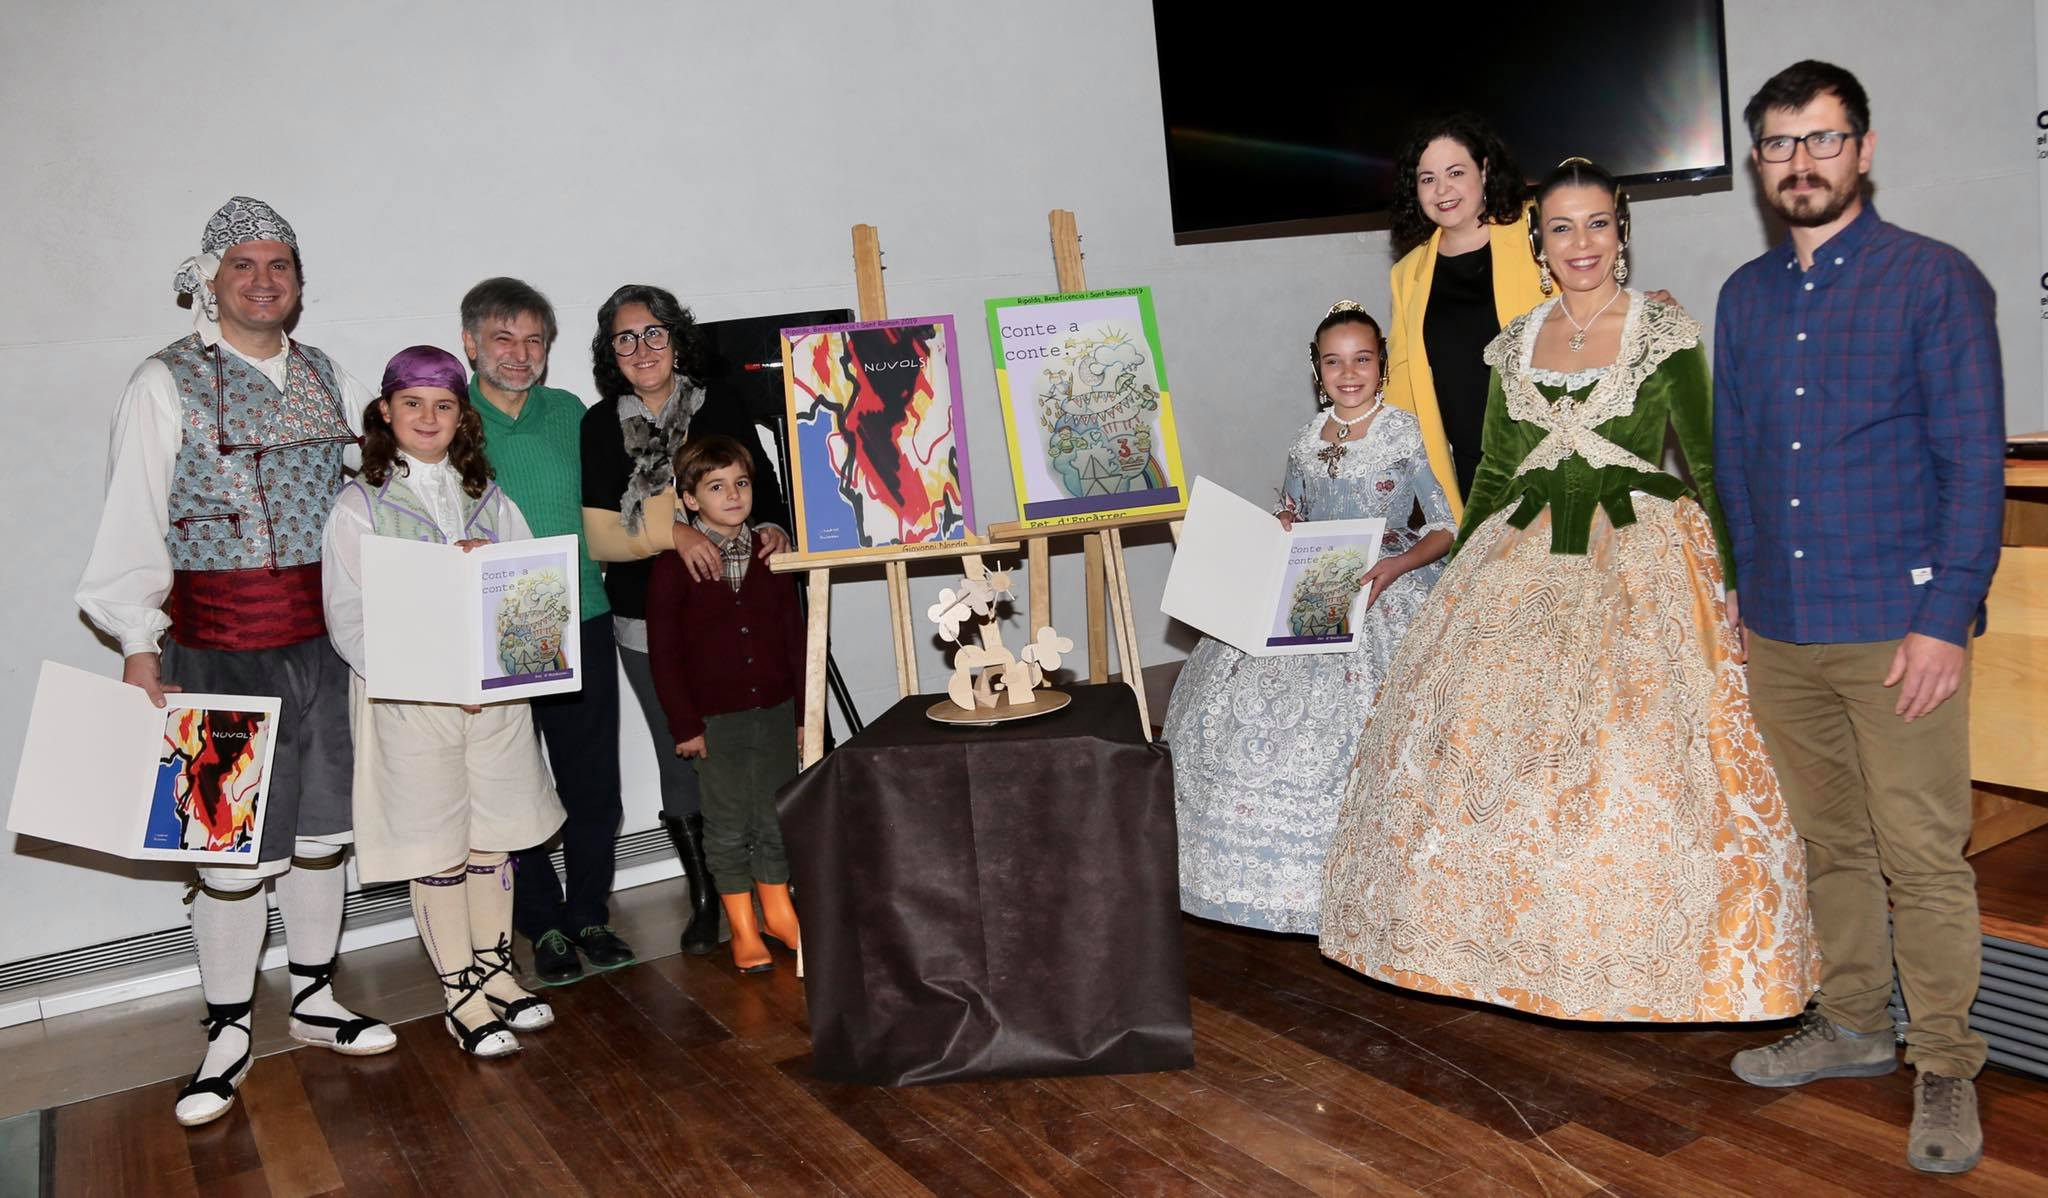 Fotos de la presentació d'esbossos 2019